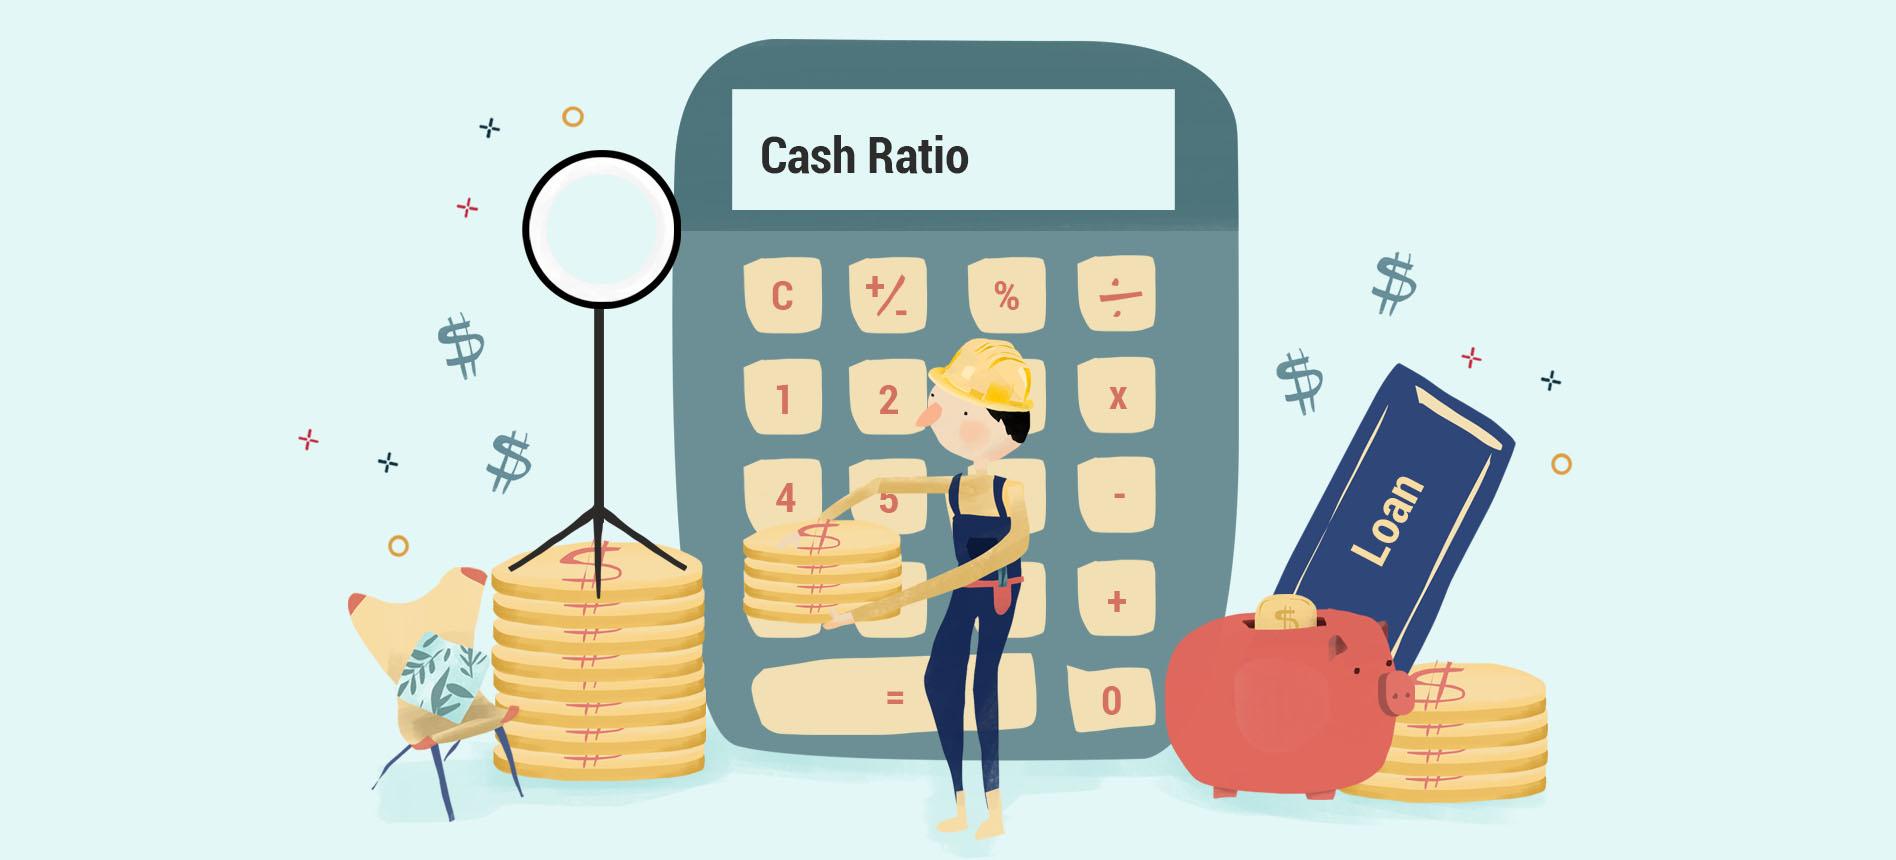 Cash Ratio Thumbnail Graphic